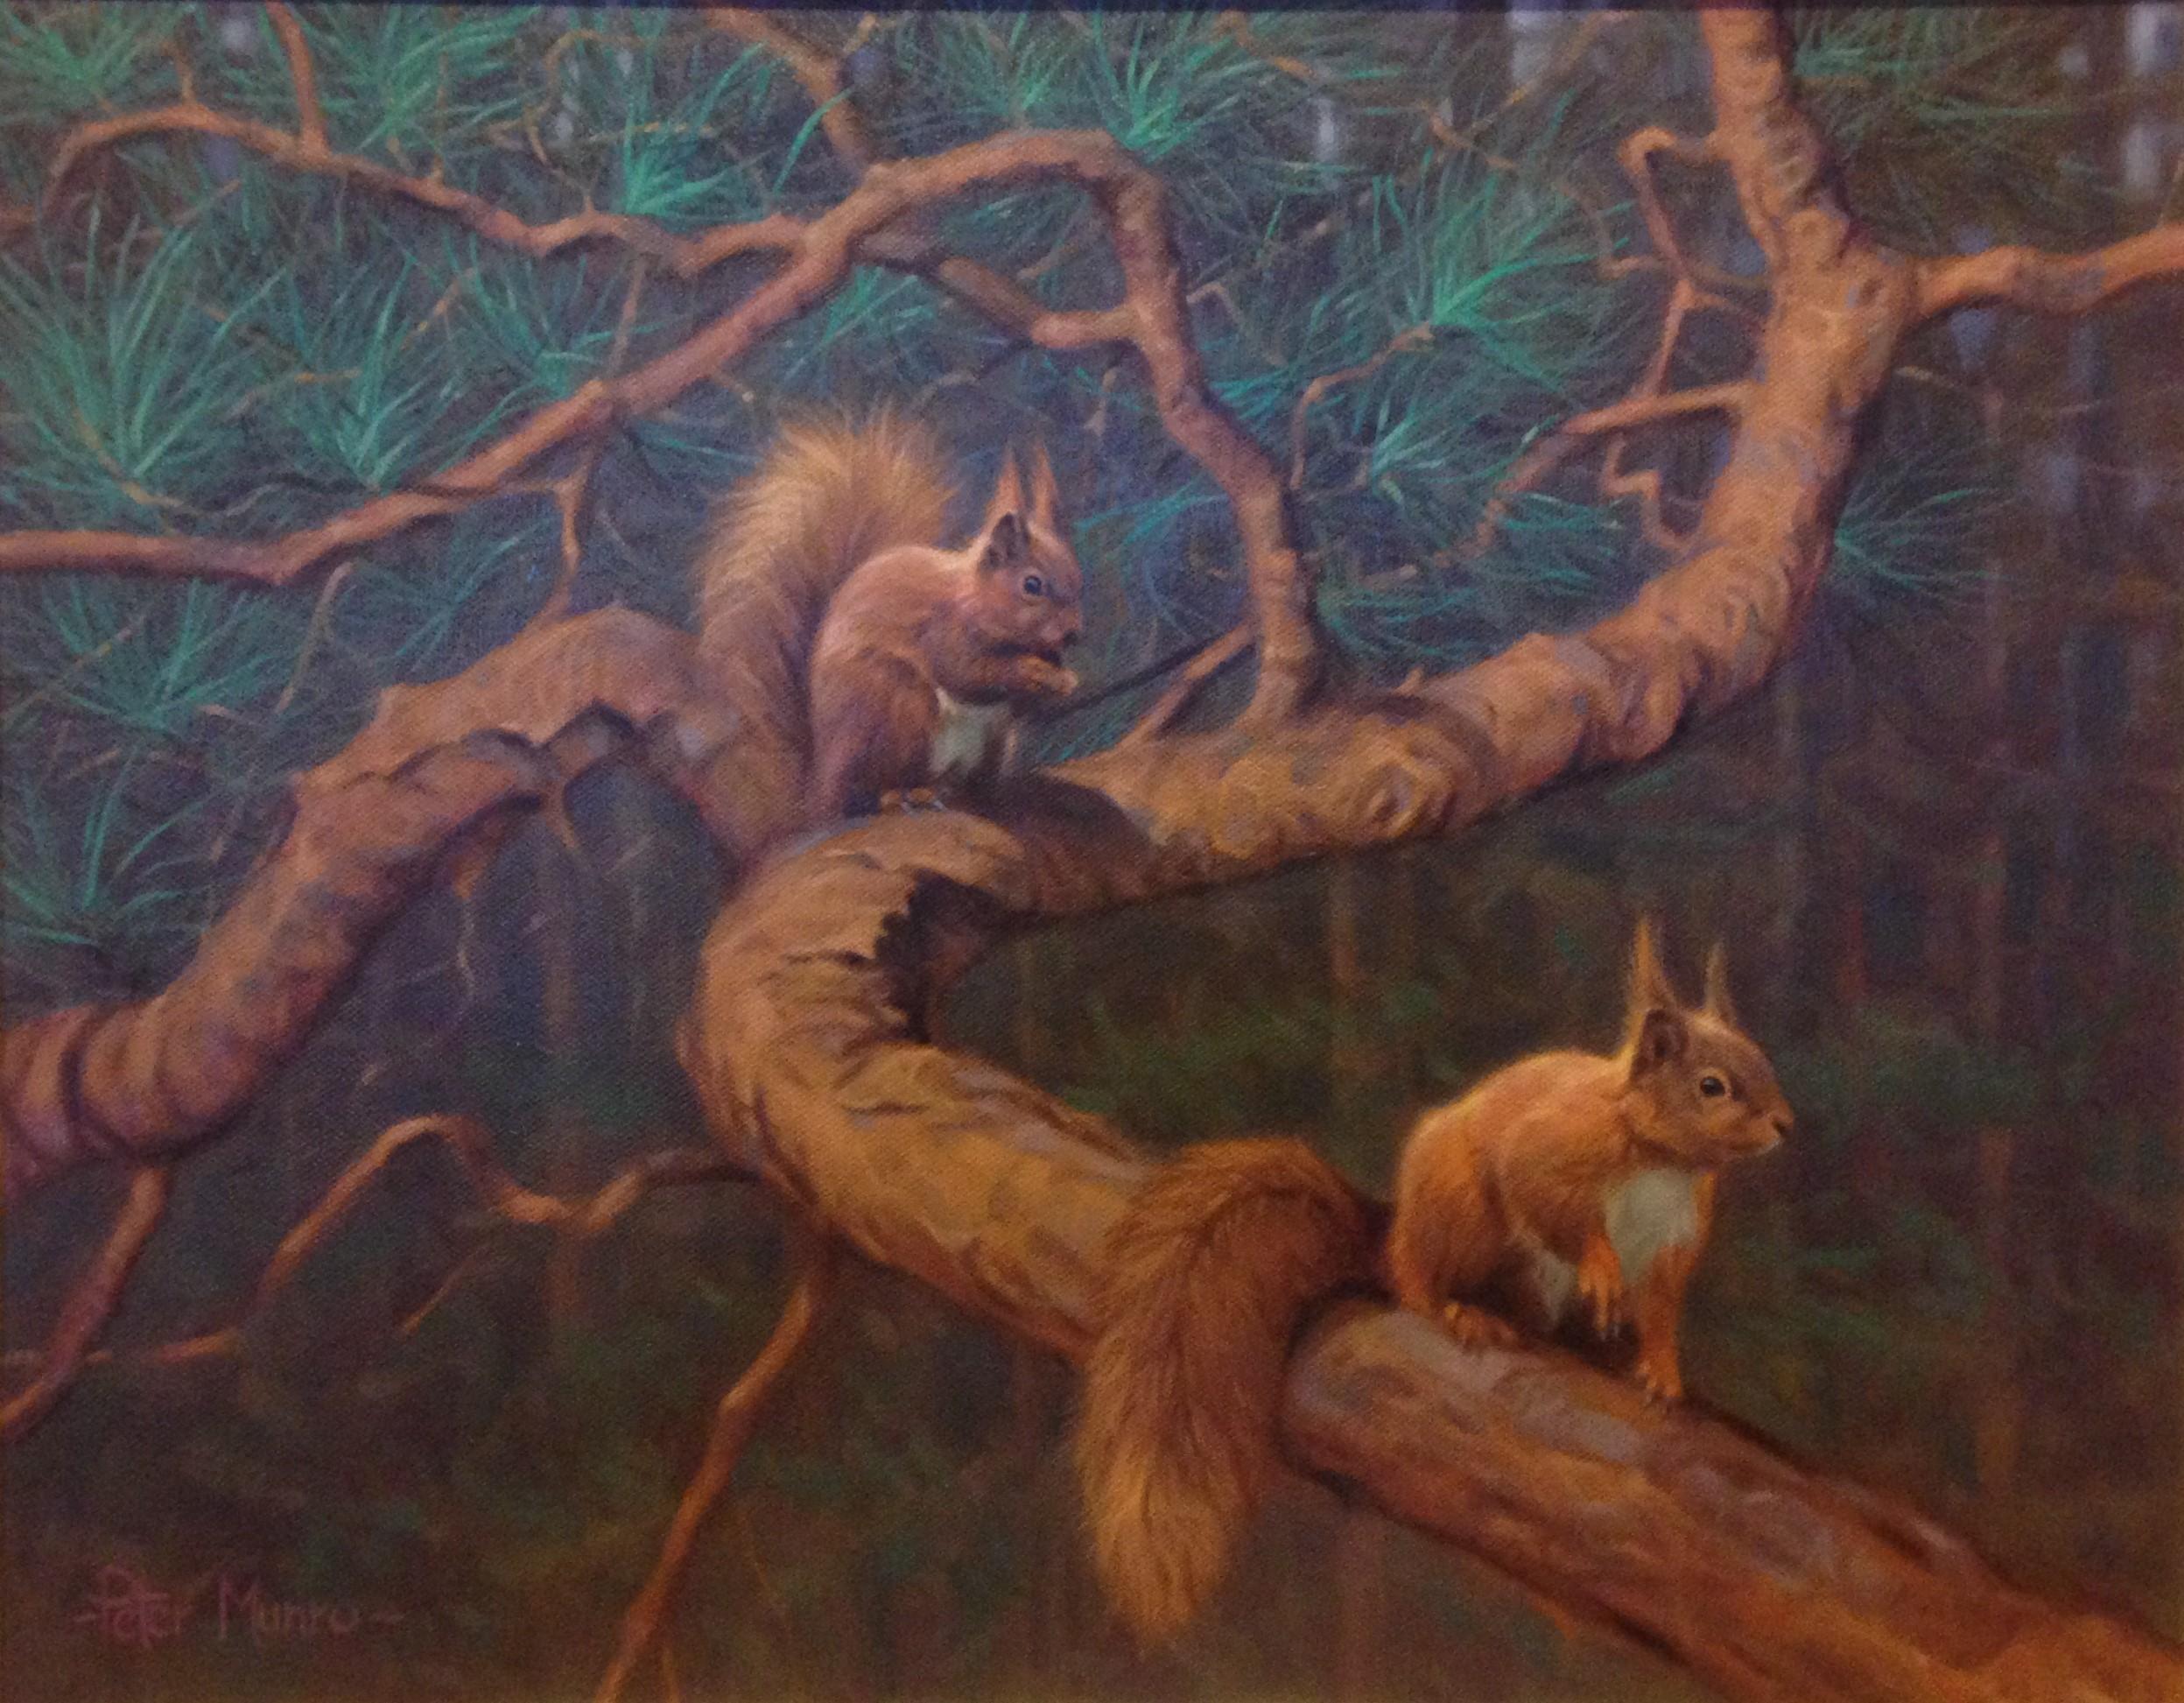 Peter Munro - Squirrels